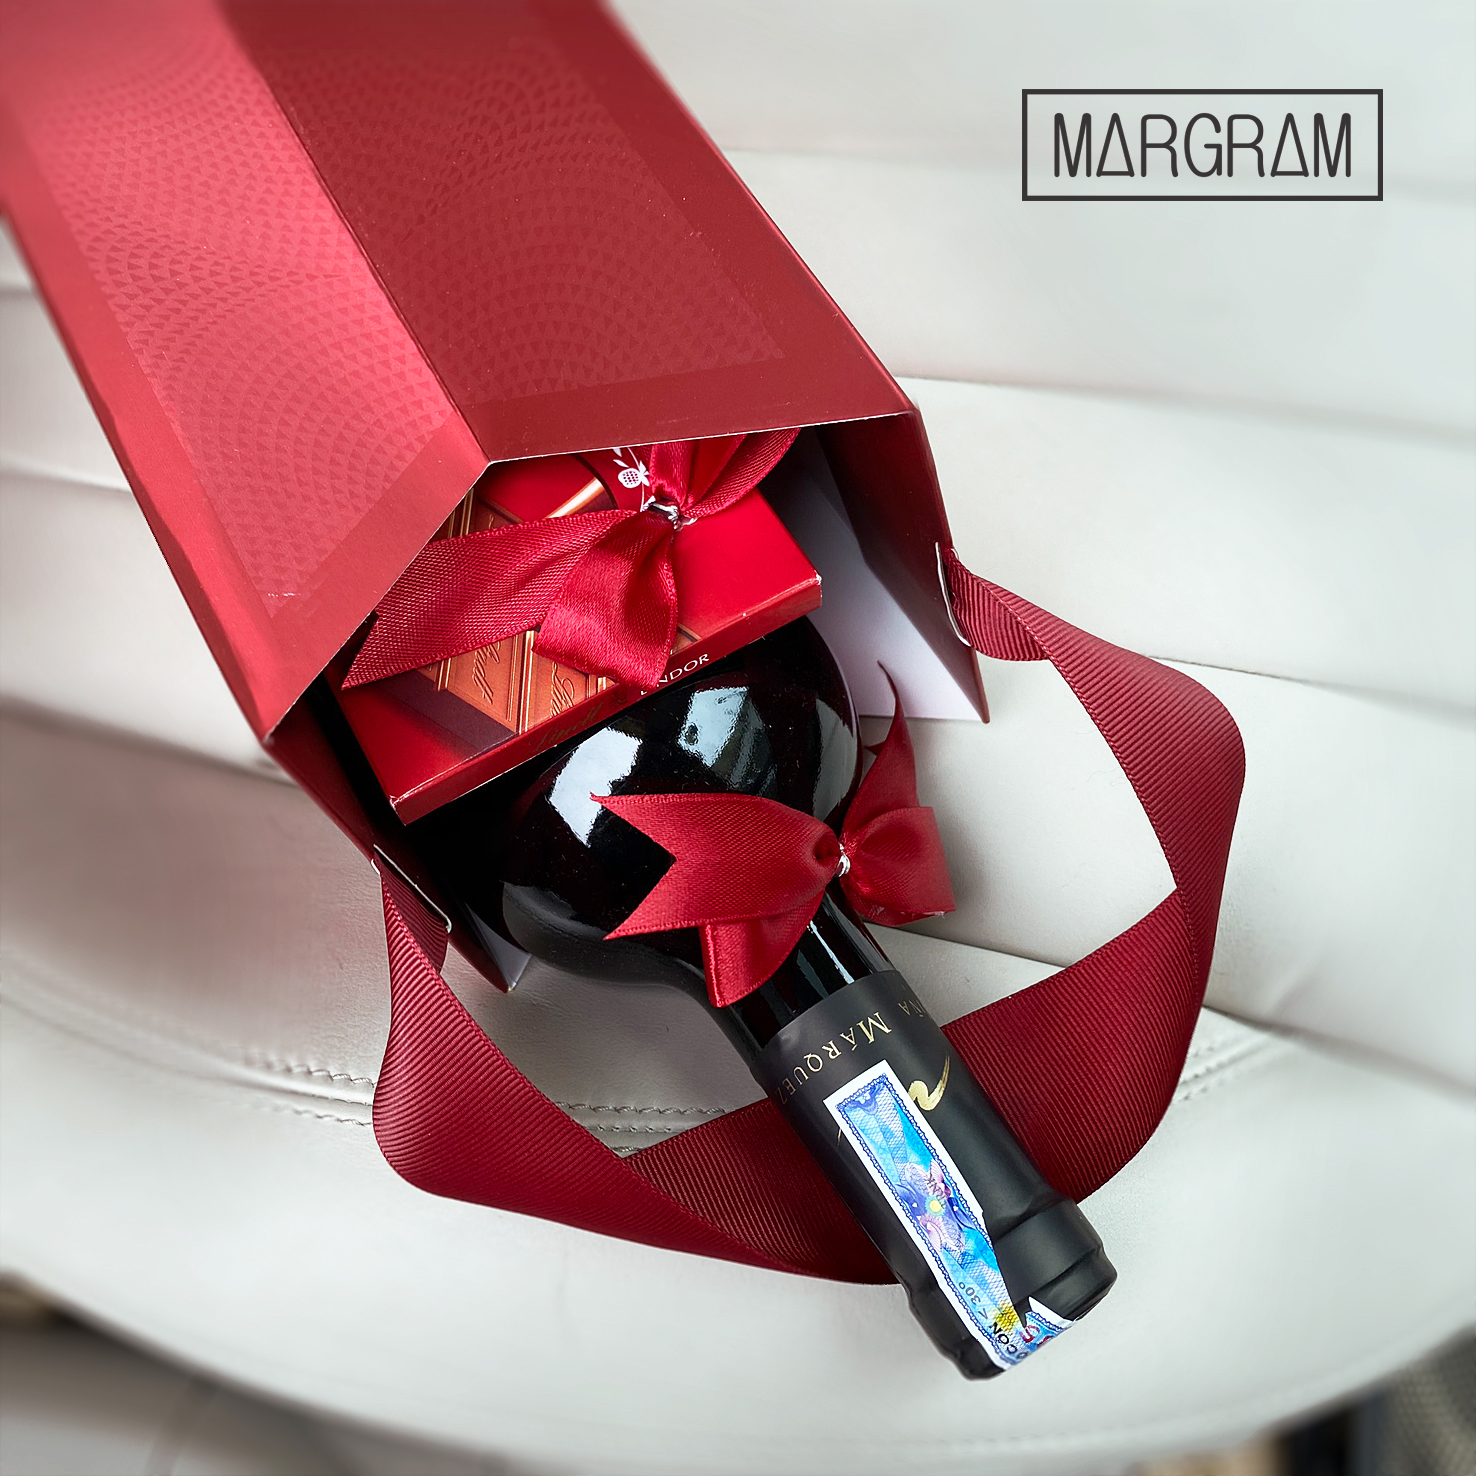 tui-valentine-margram-02